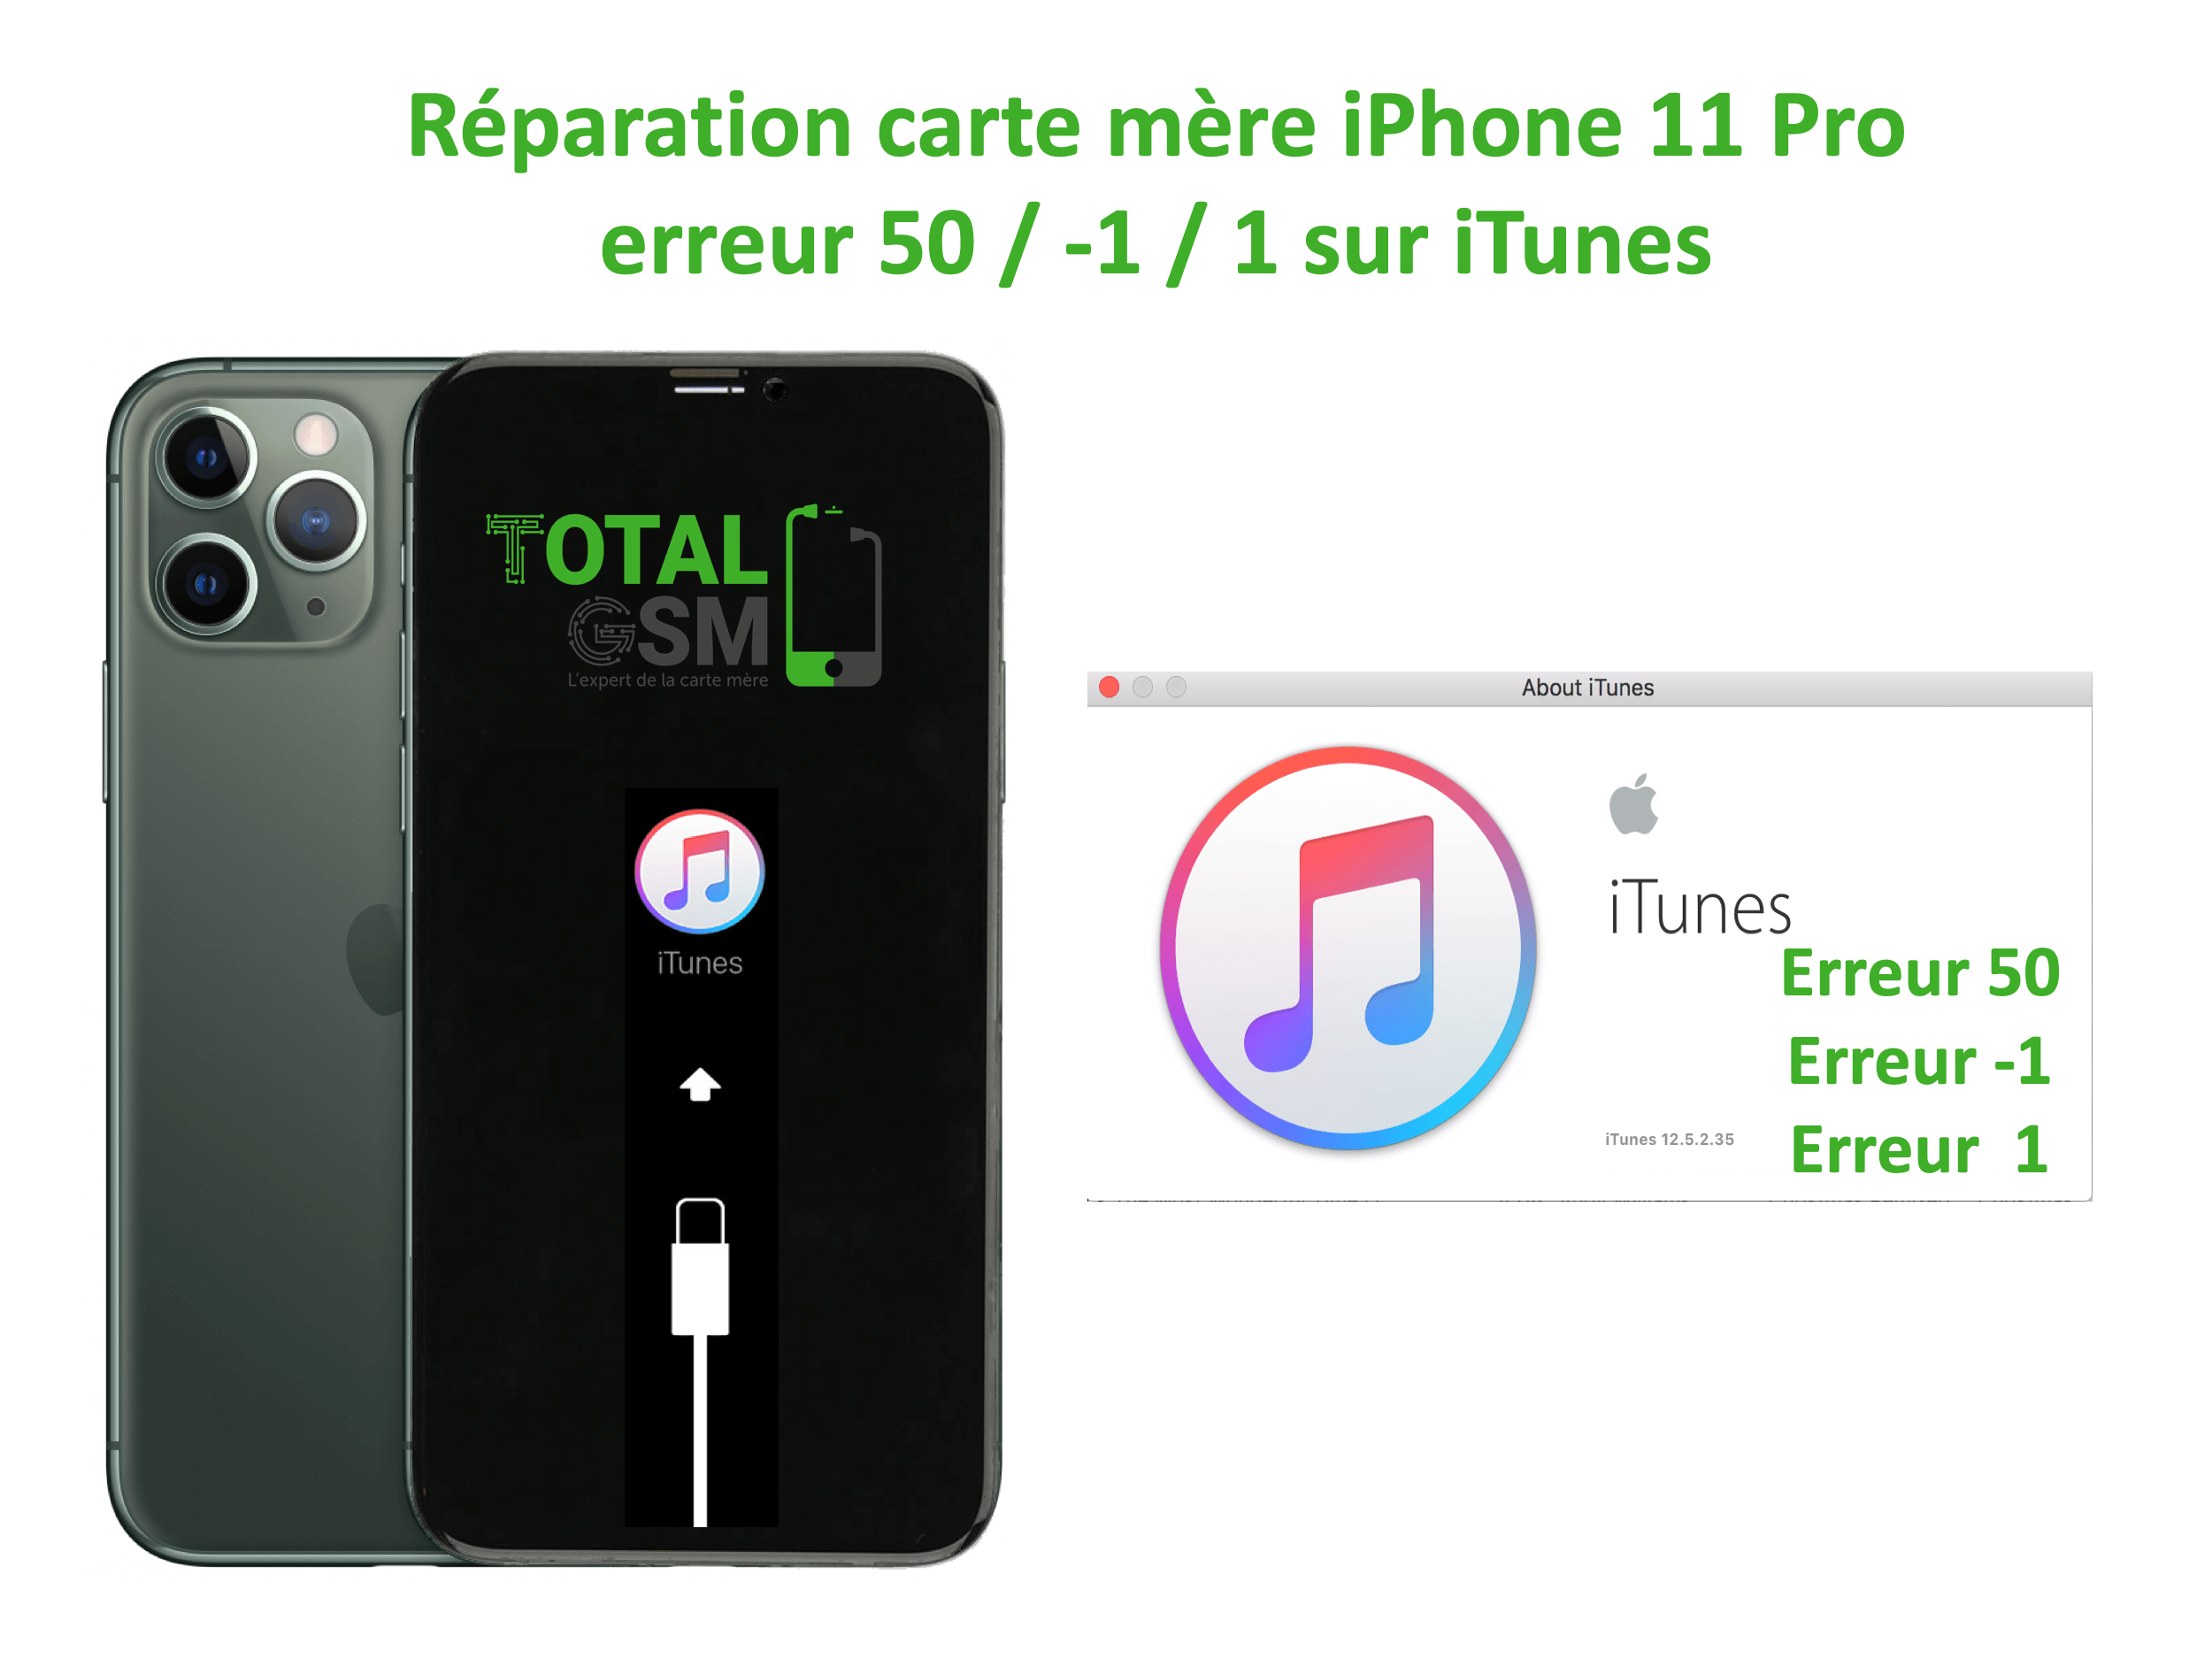 iPhone-11-pro-reparation-probleme-erreur-50 -1 1-sur-itunes